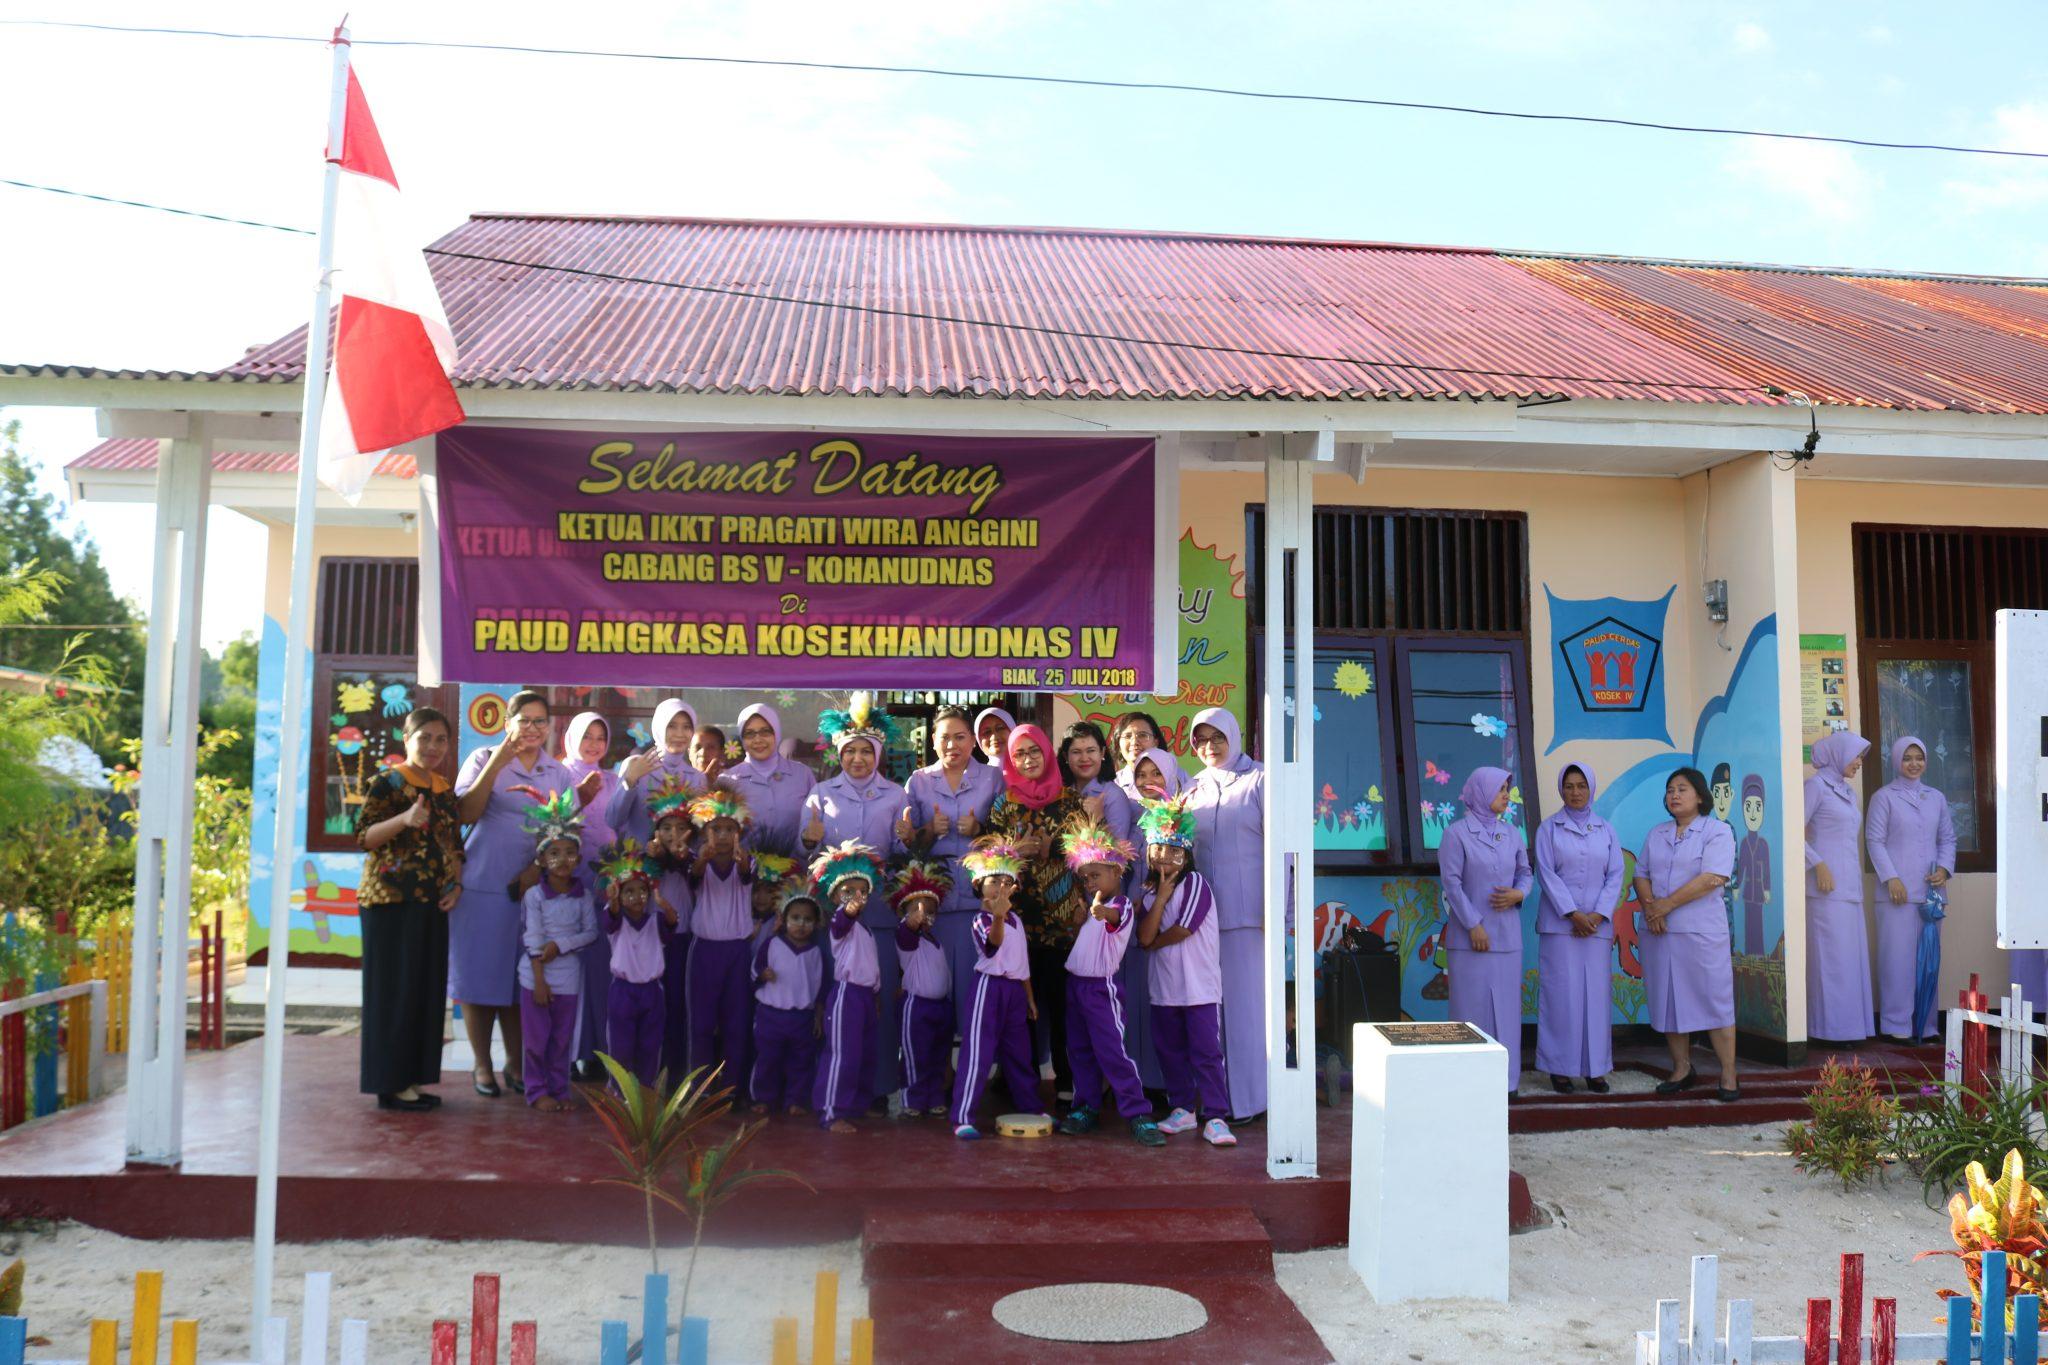 Ketua IKKT PWA Cabang BS V Kohanudnas kunjungi Paud Angkasa Kosekhanudnas IV